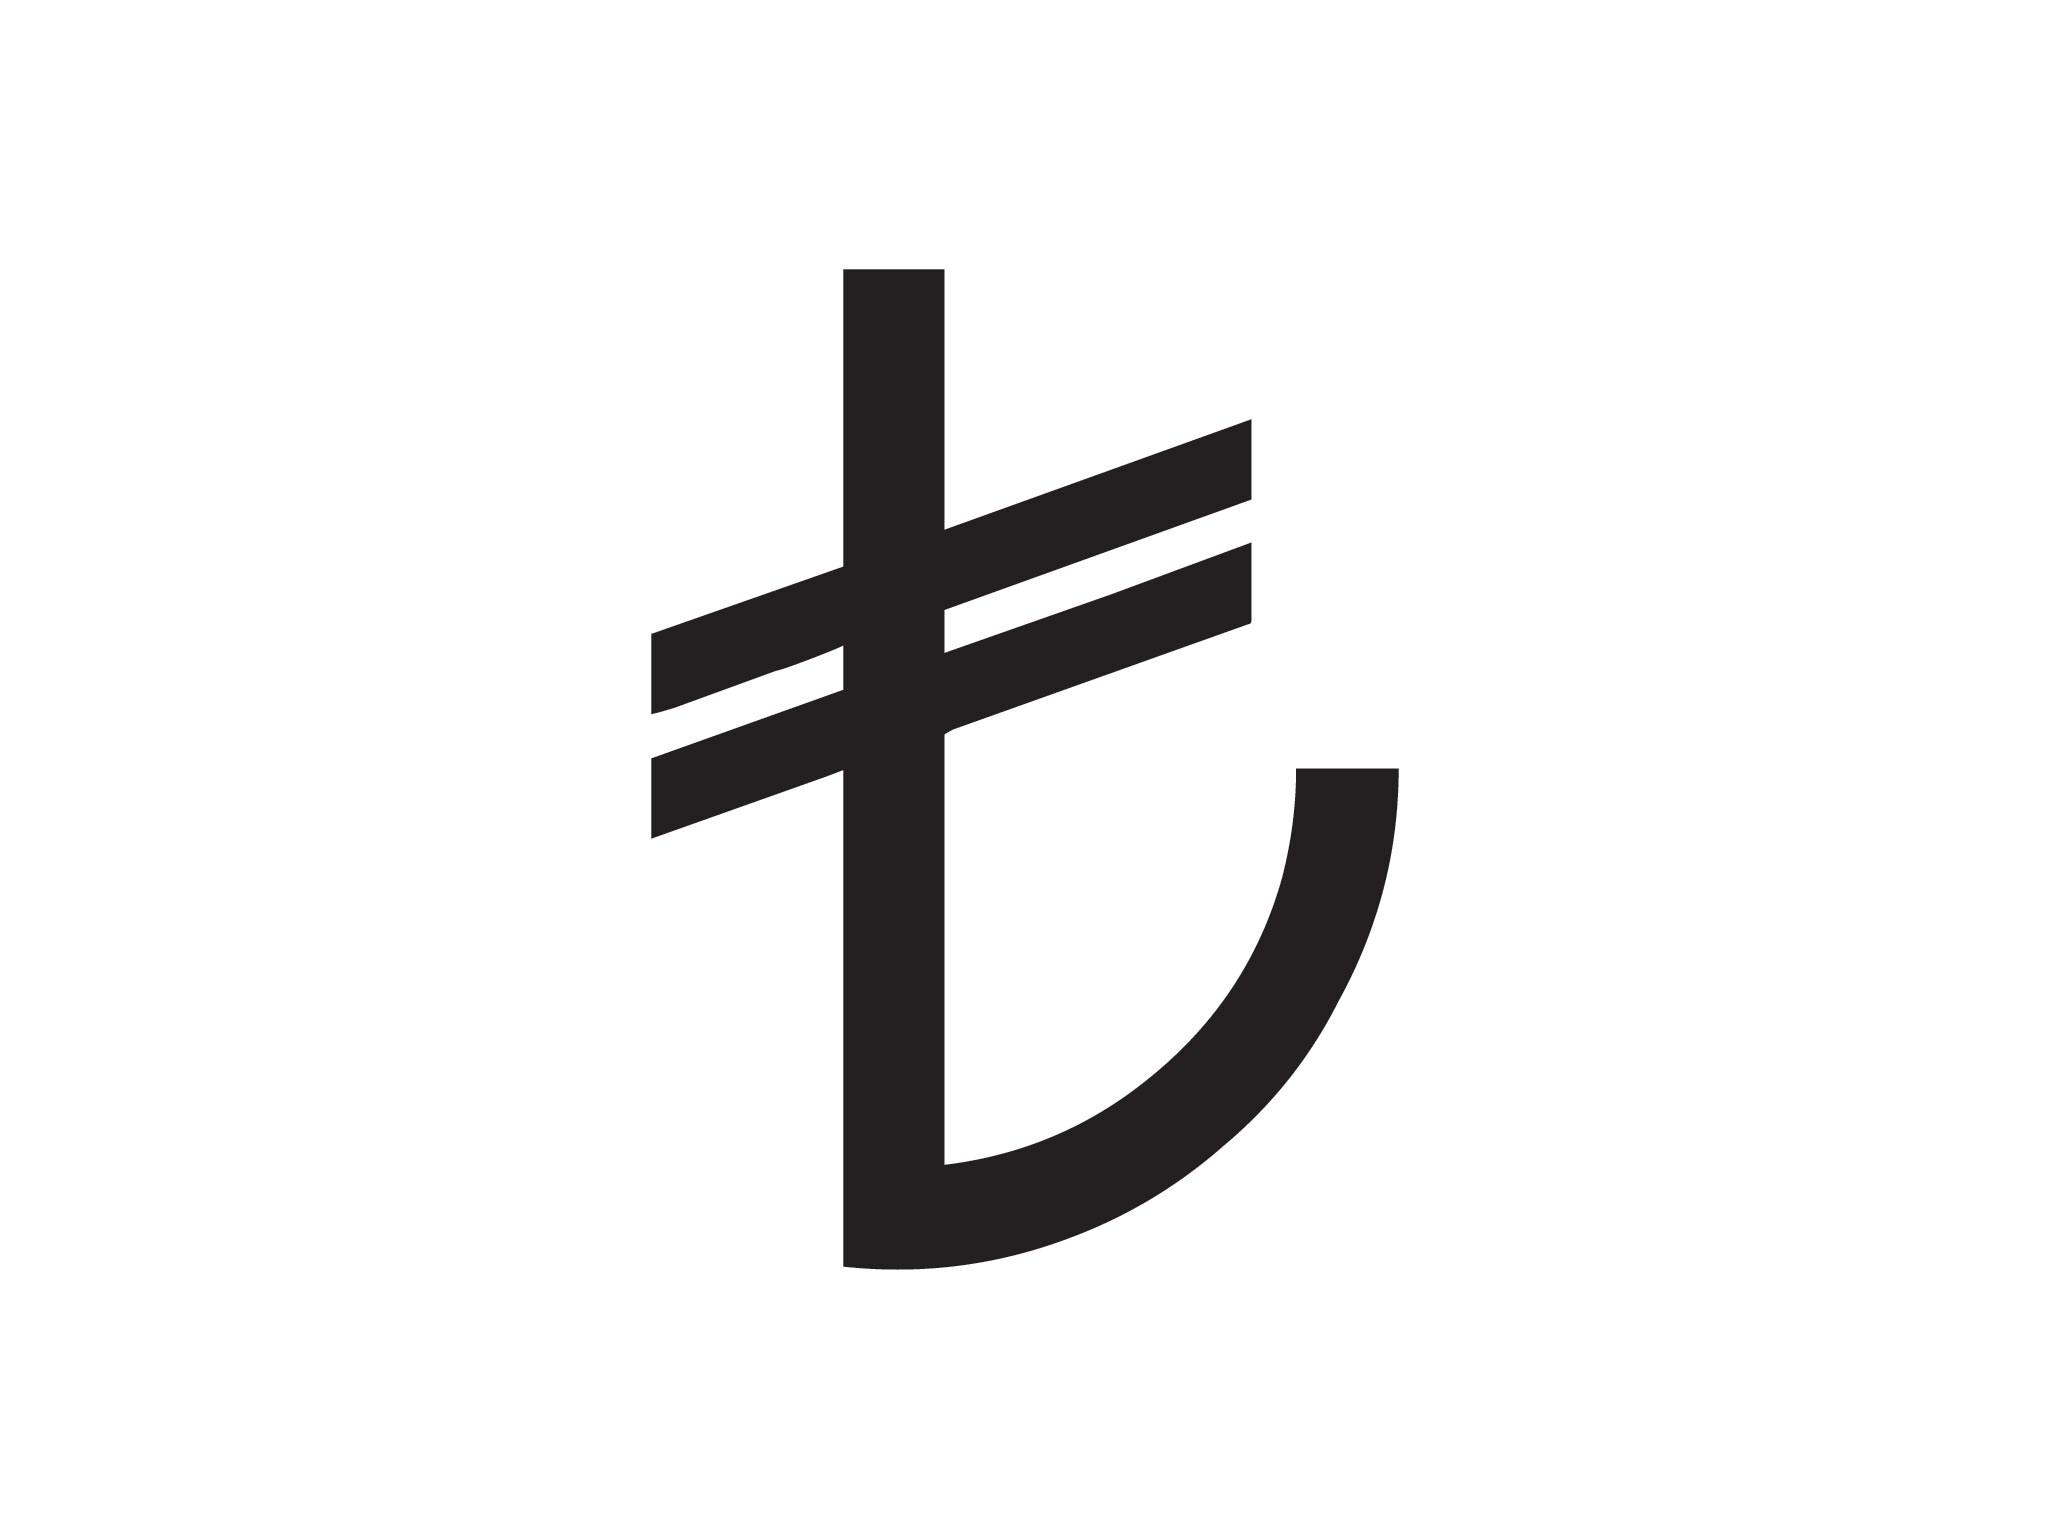 TL Symbol